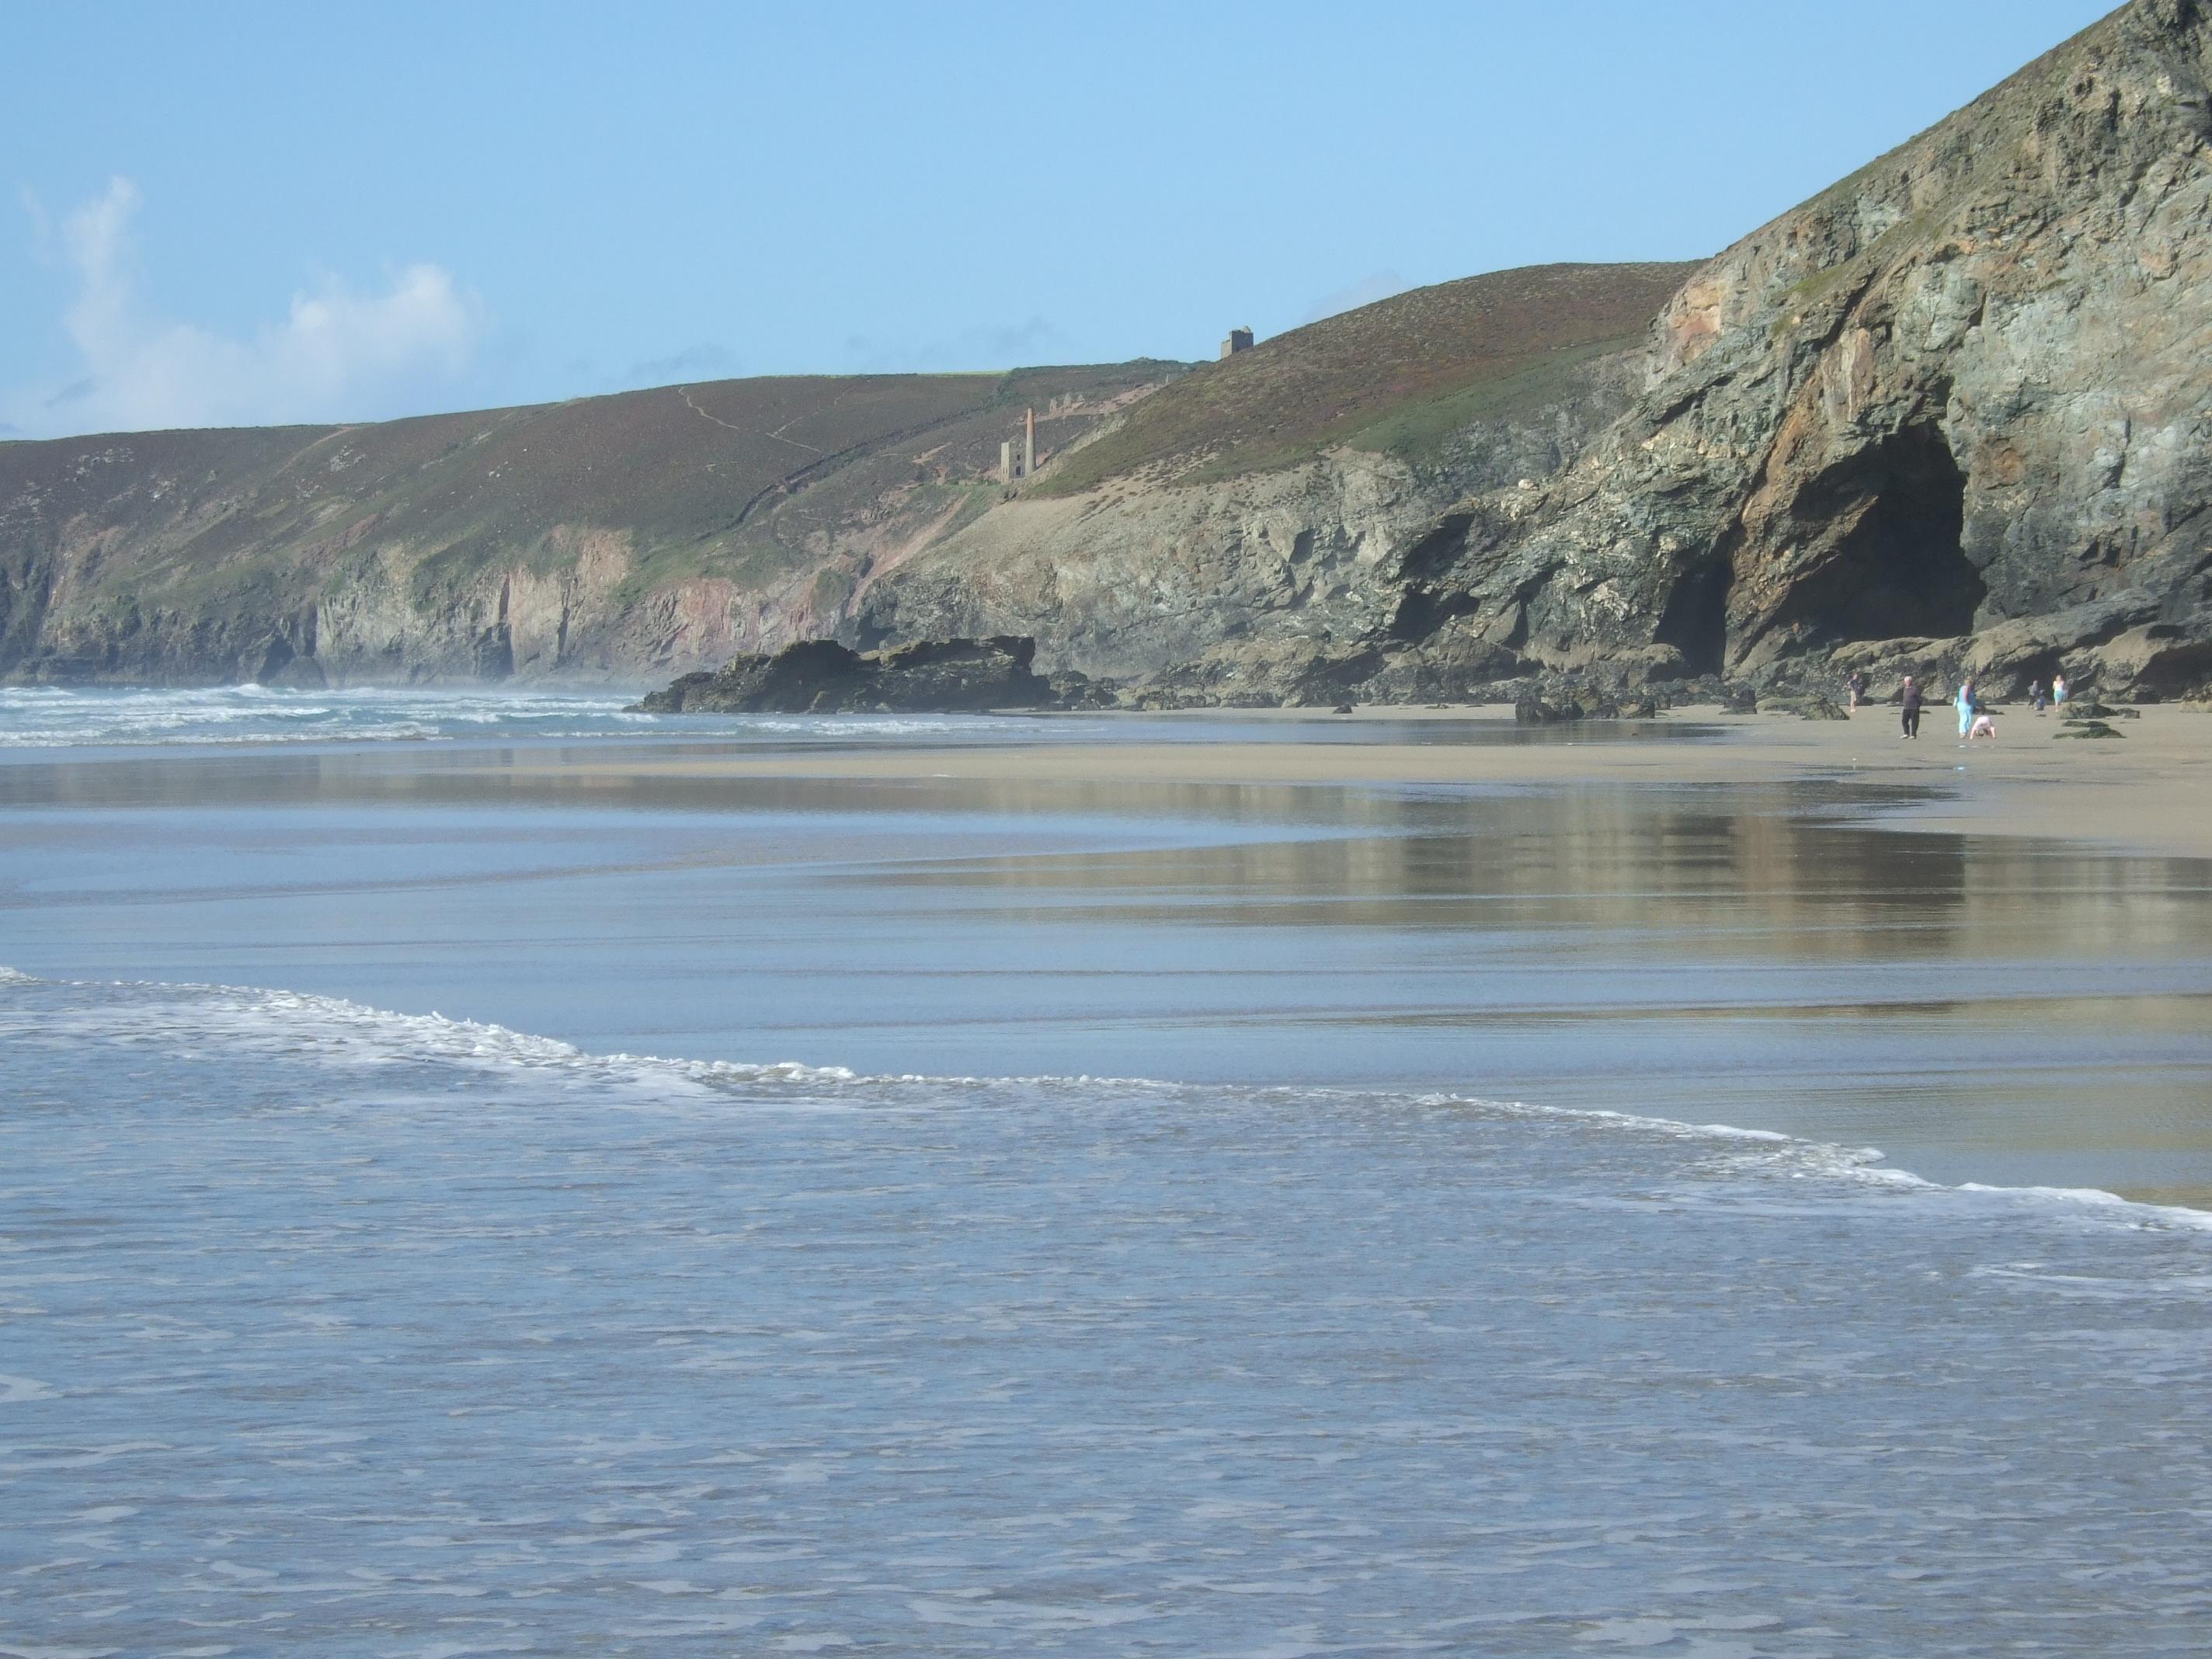 Porthtpwan Beach